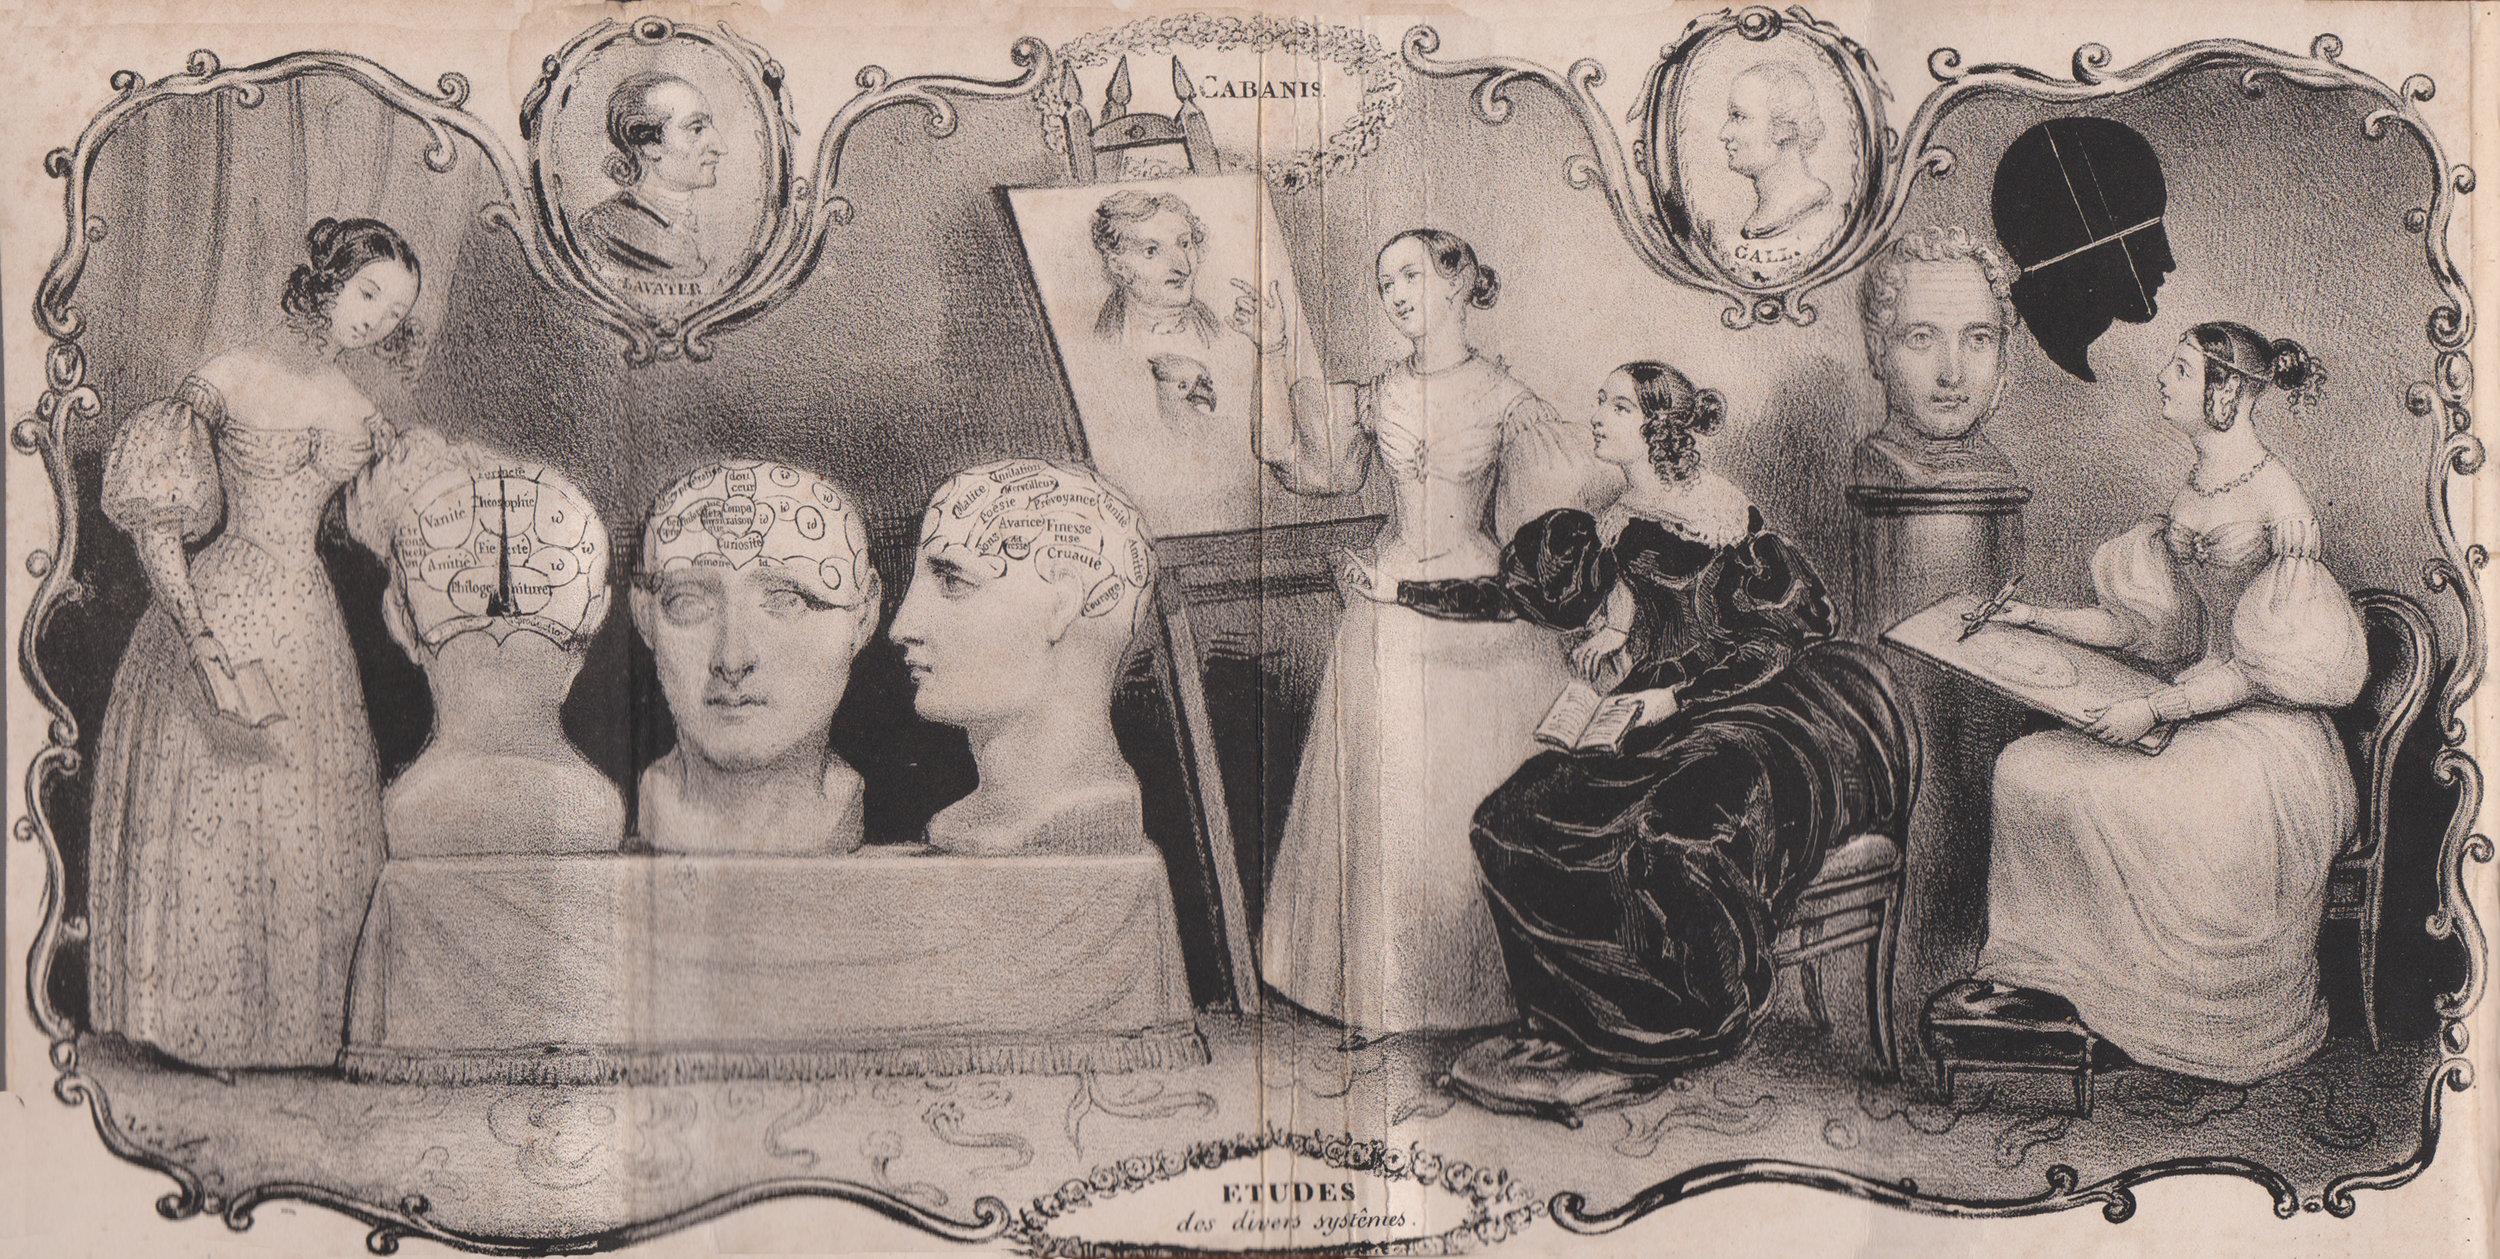 Figure 9a Frontispiece for: Nouveau Lavater complet, réunion de tous les systèmes pour étudier et juger les Dames et les Demoiselles Paris 1840